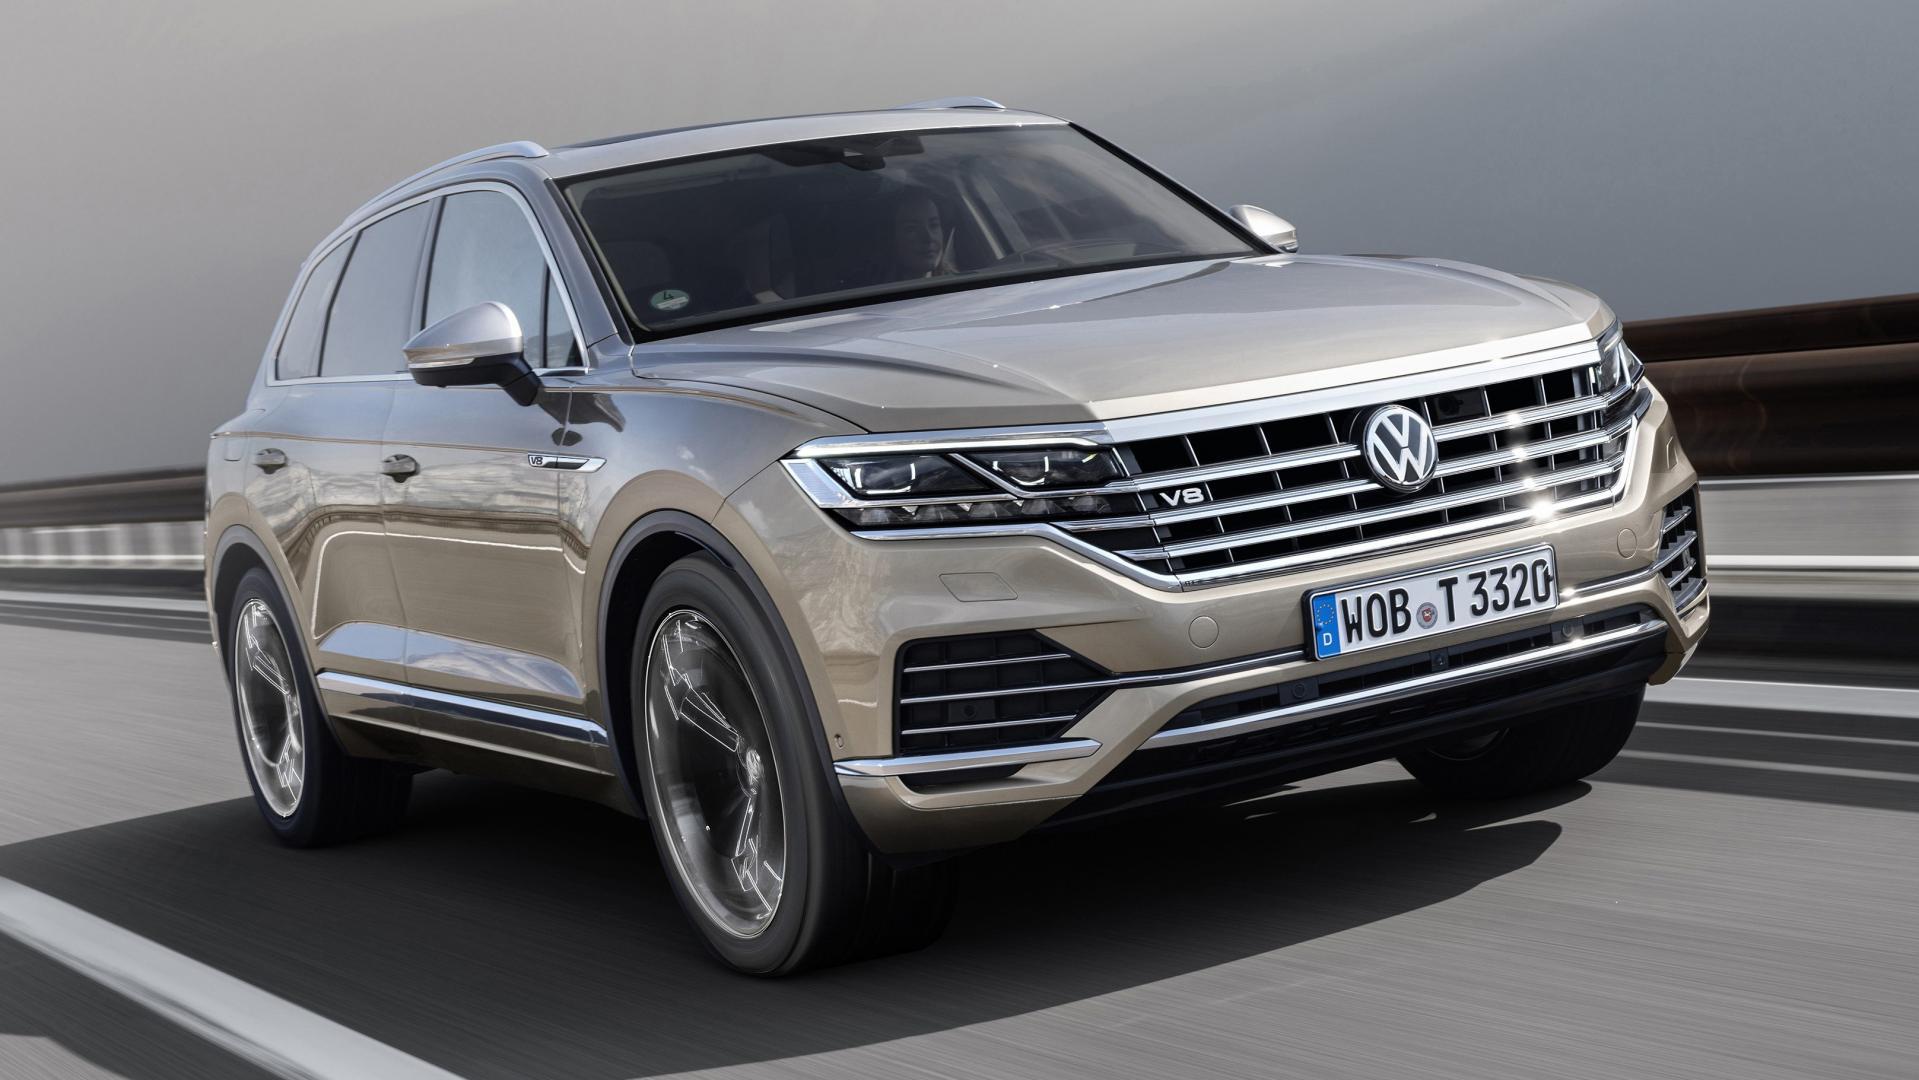 Volkswagen Touareg V8 TDI 2019